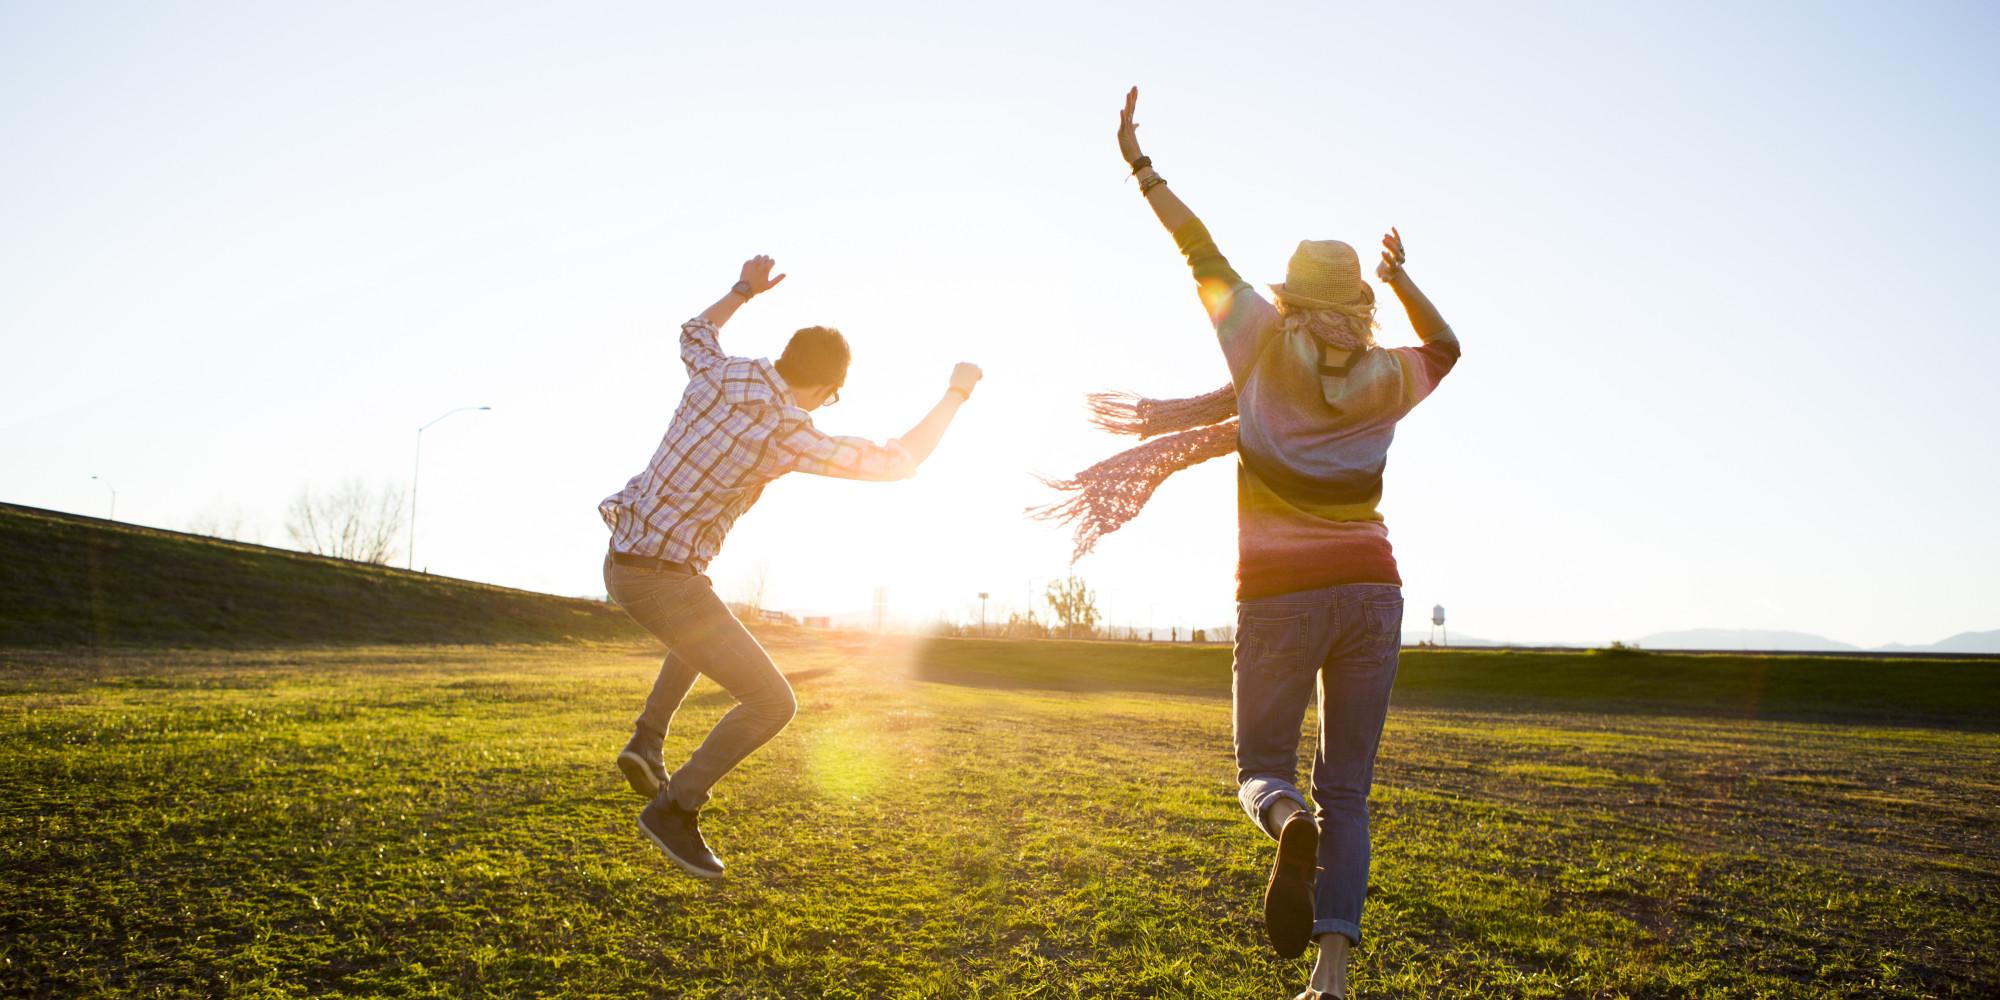 شاد بودن - در لحظه حضور داشتن